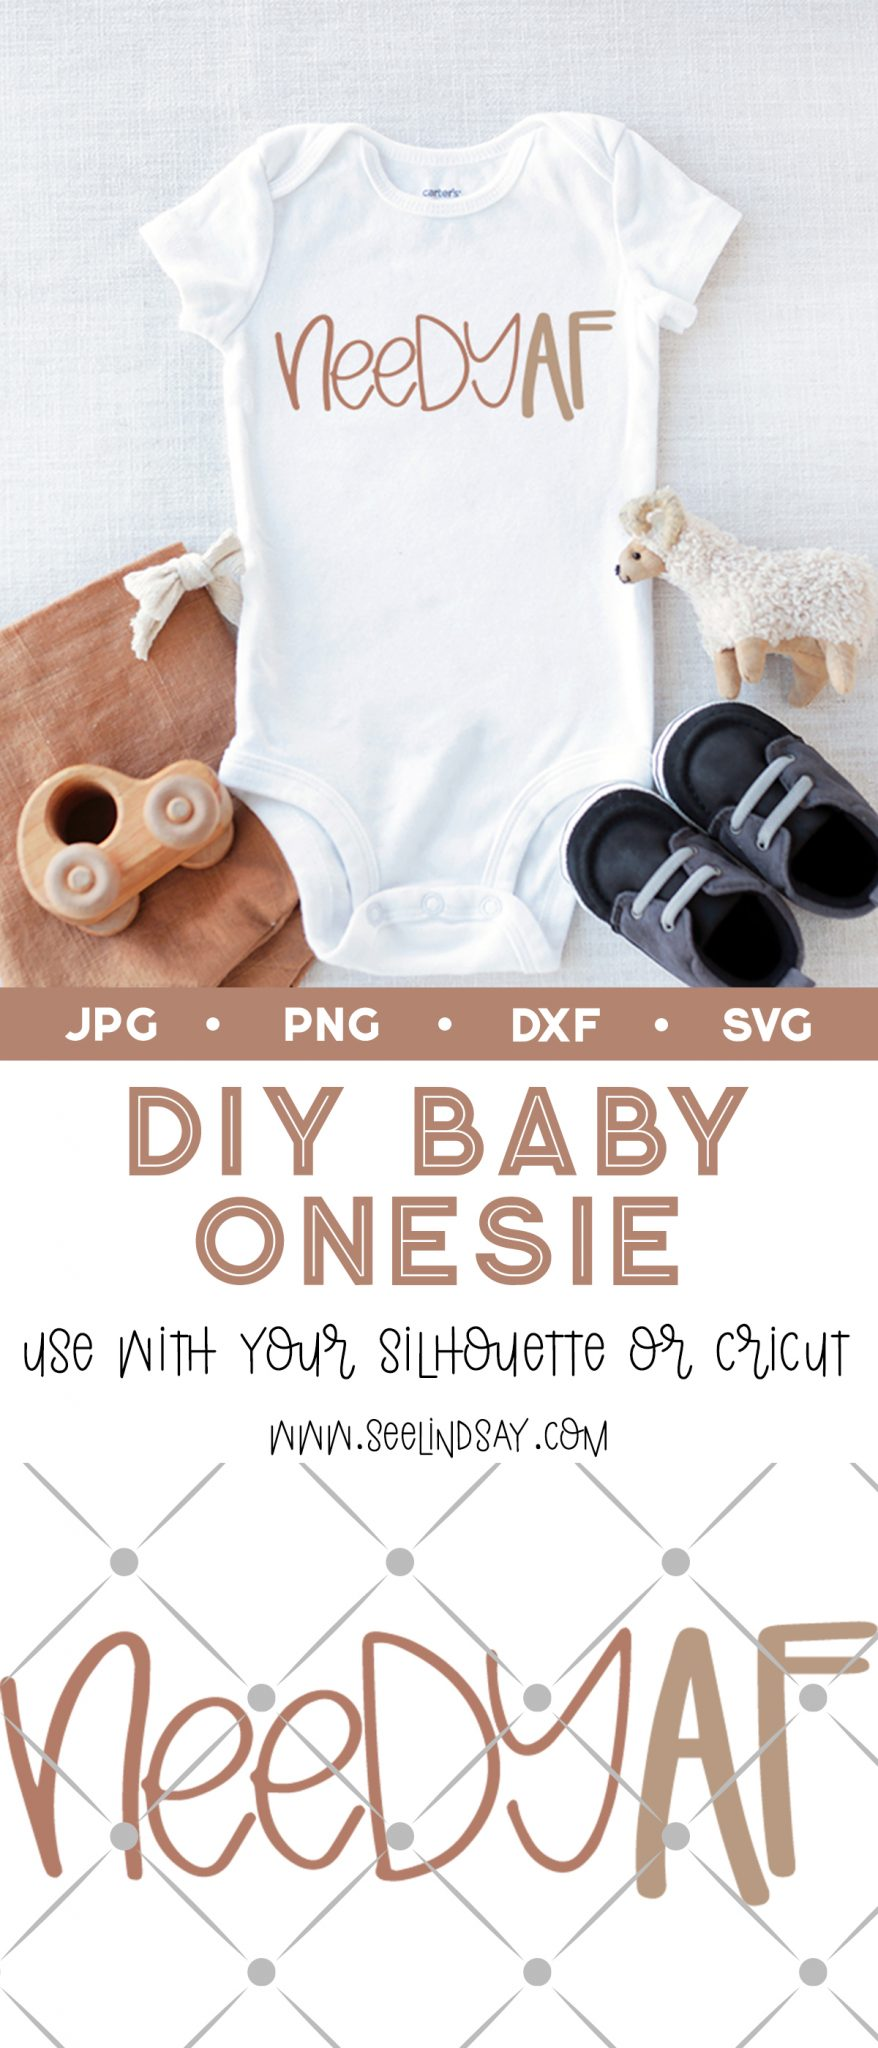 Download DIY Baby Onesie - Needy AF | seeLINDSAY